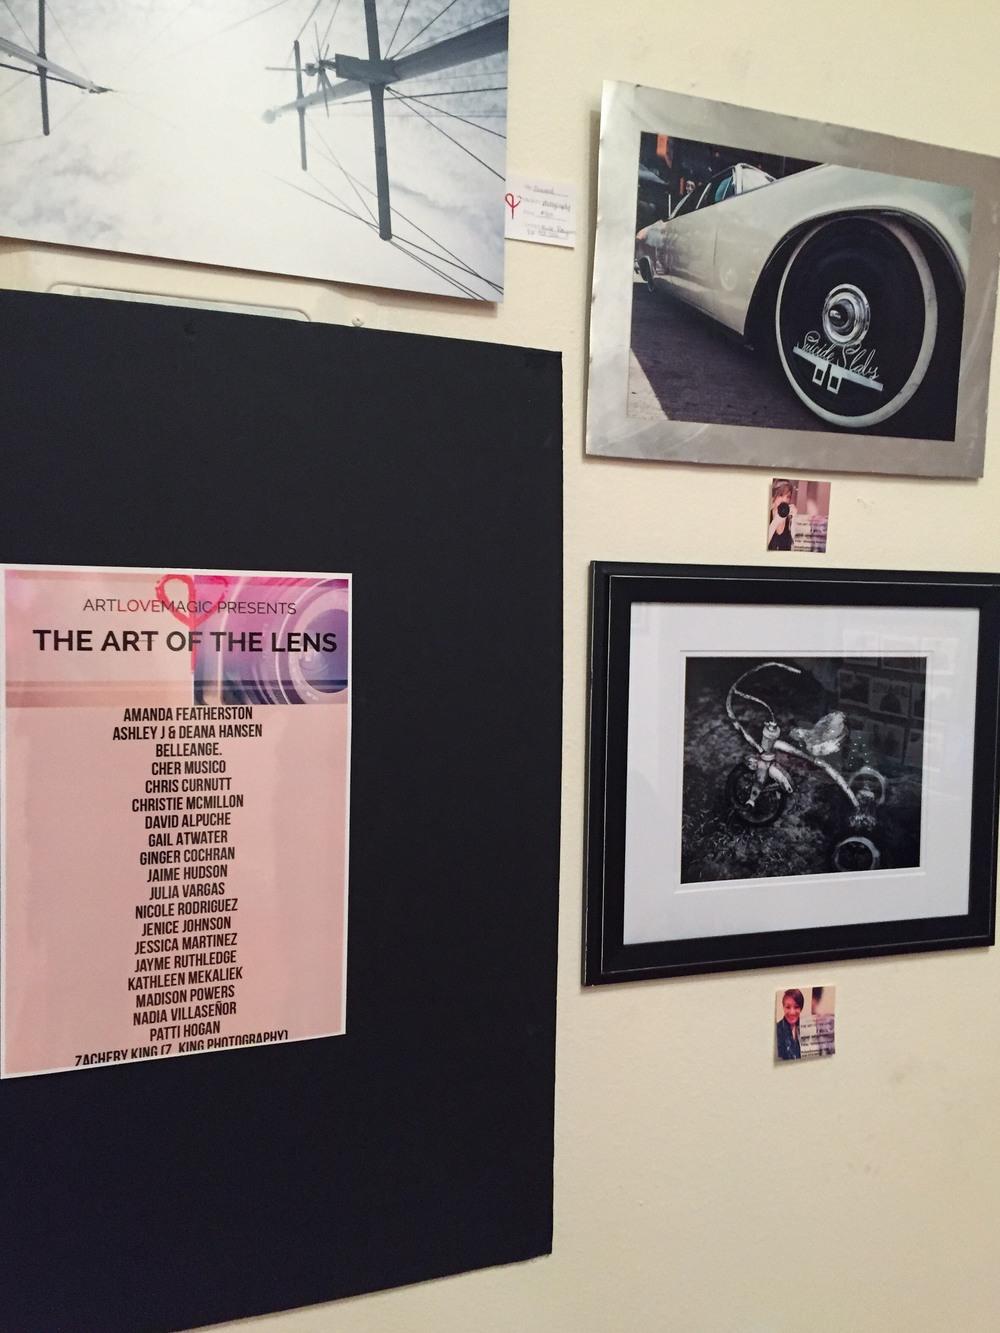 ArtLoveMagic: The Art of the Lens